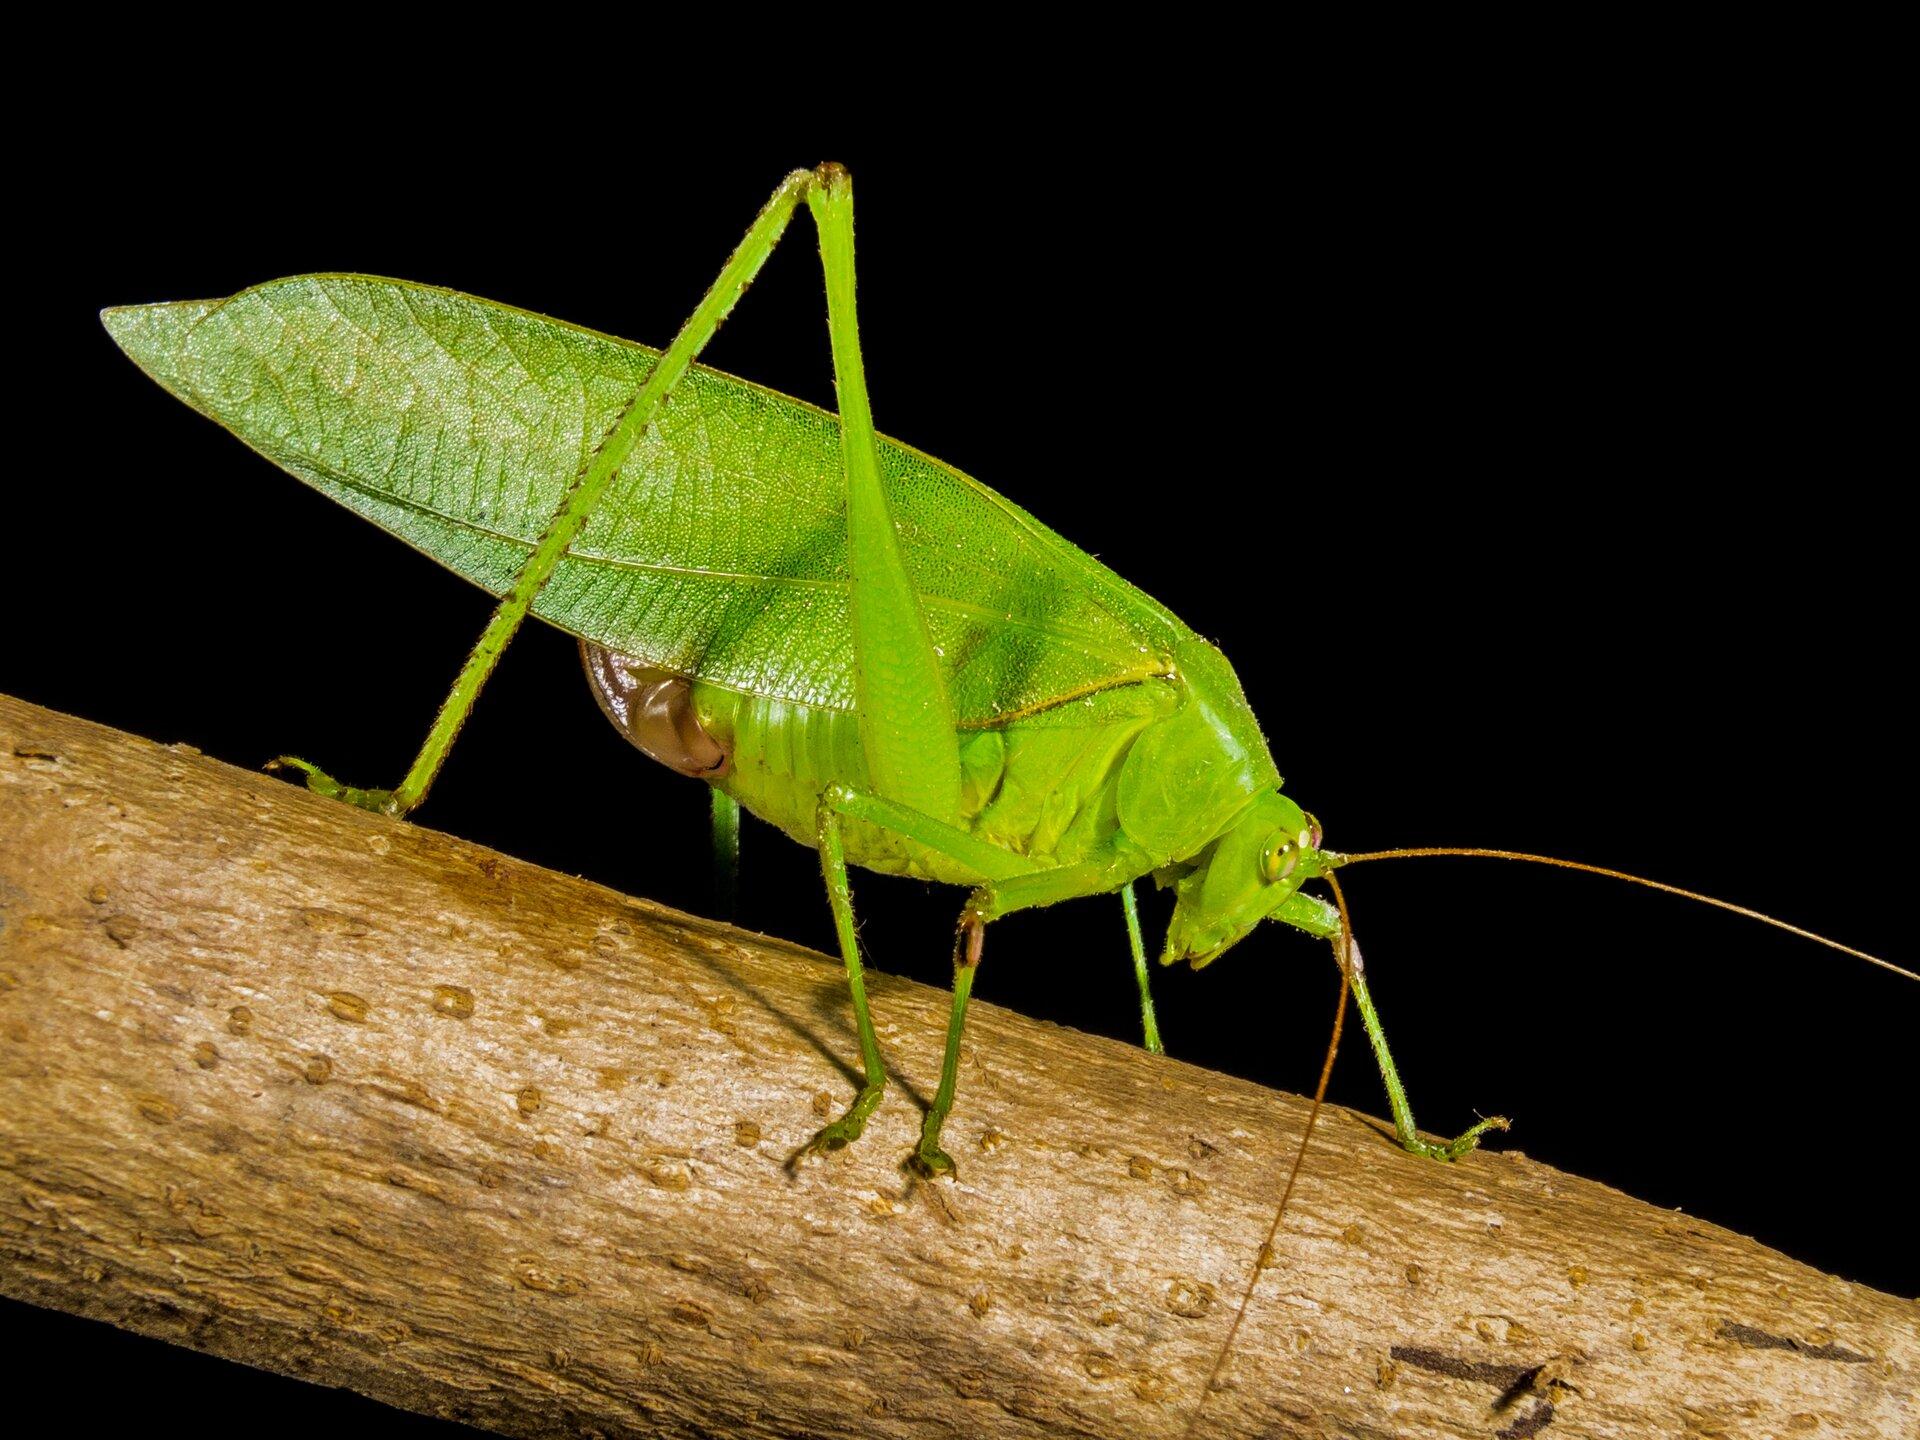 Fotografia przedstawia pasikonika wdużym zbliżeniu. Zielono-brązowy owad siedzi pionowo na źdźble trawy, obejmując je odnóżami. Duża głowa ugóry, na niej krótkie proste czułki iduże oczy. Tylna para kończyn złożona wzdłuż odwłoka.